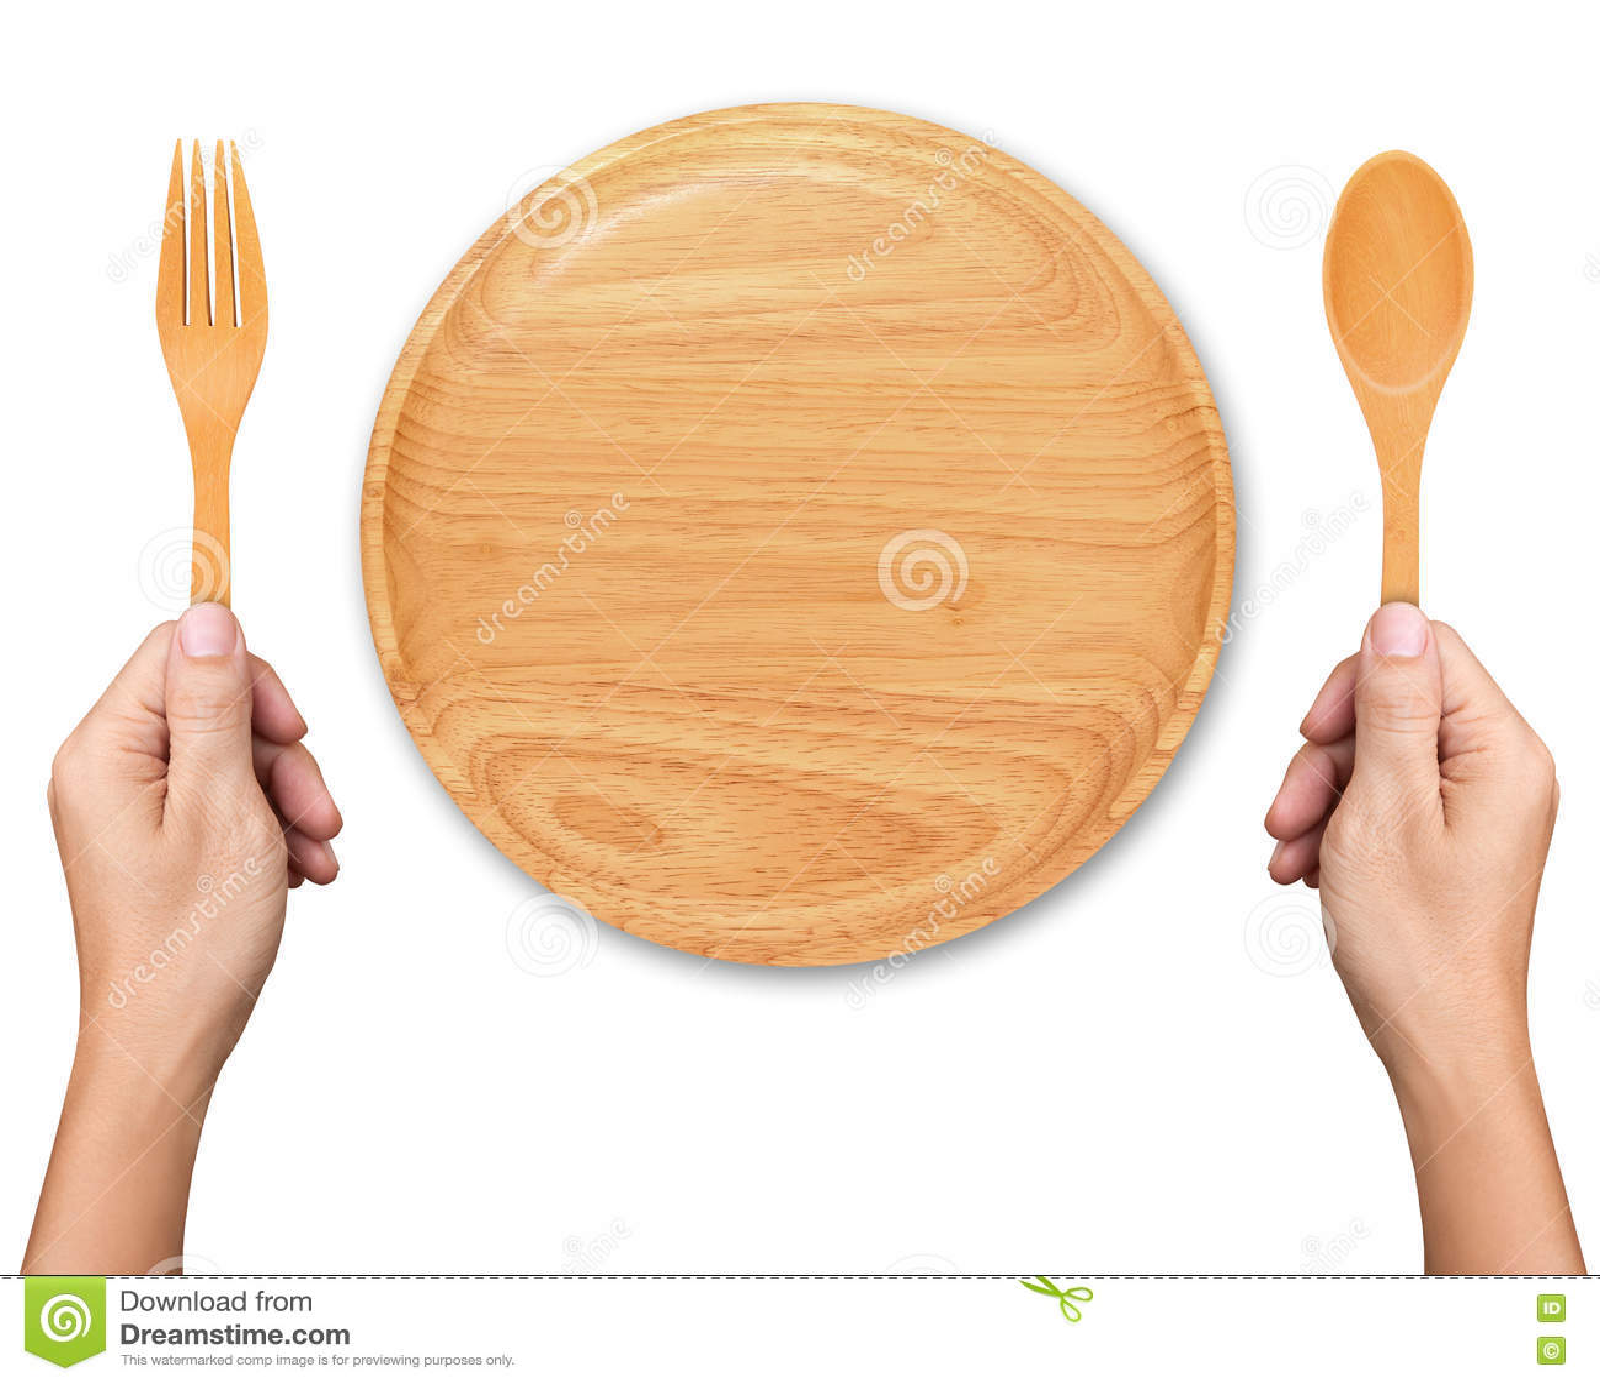 Κουτάλι και δίκρανο λαβής χεριών με το κενό ξύλινο πιάτο στο λευκό